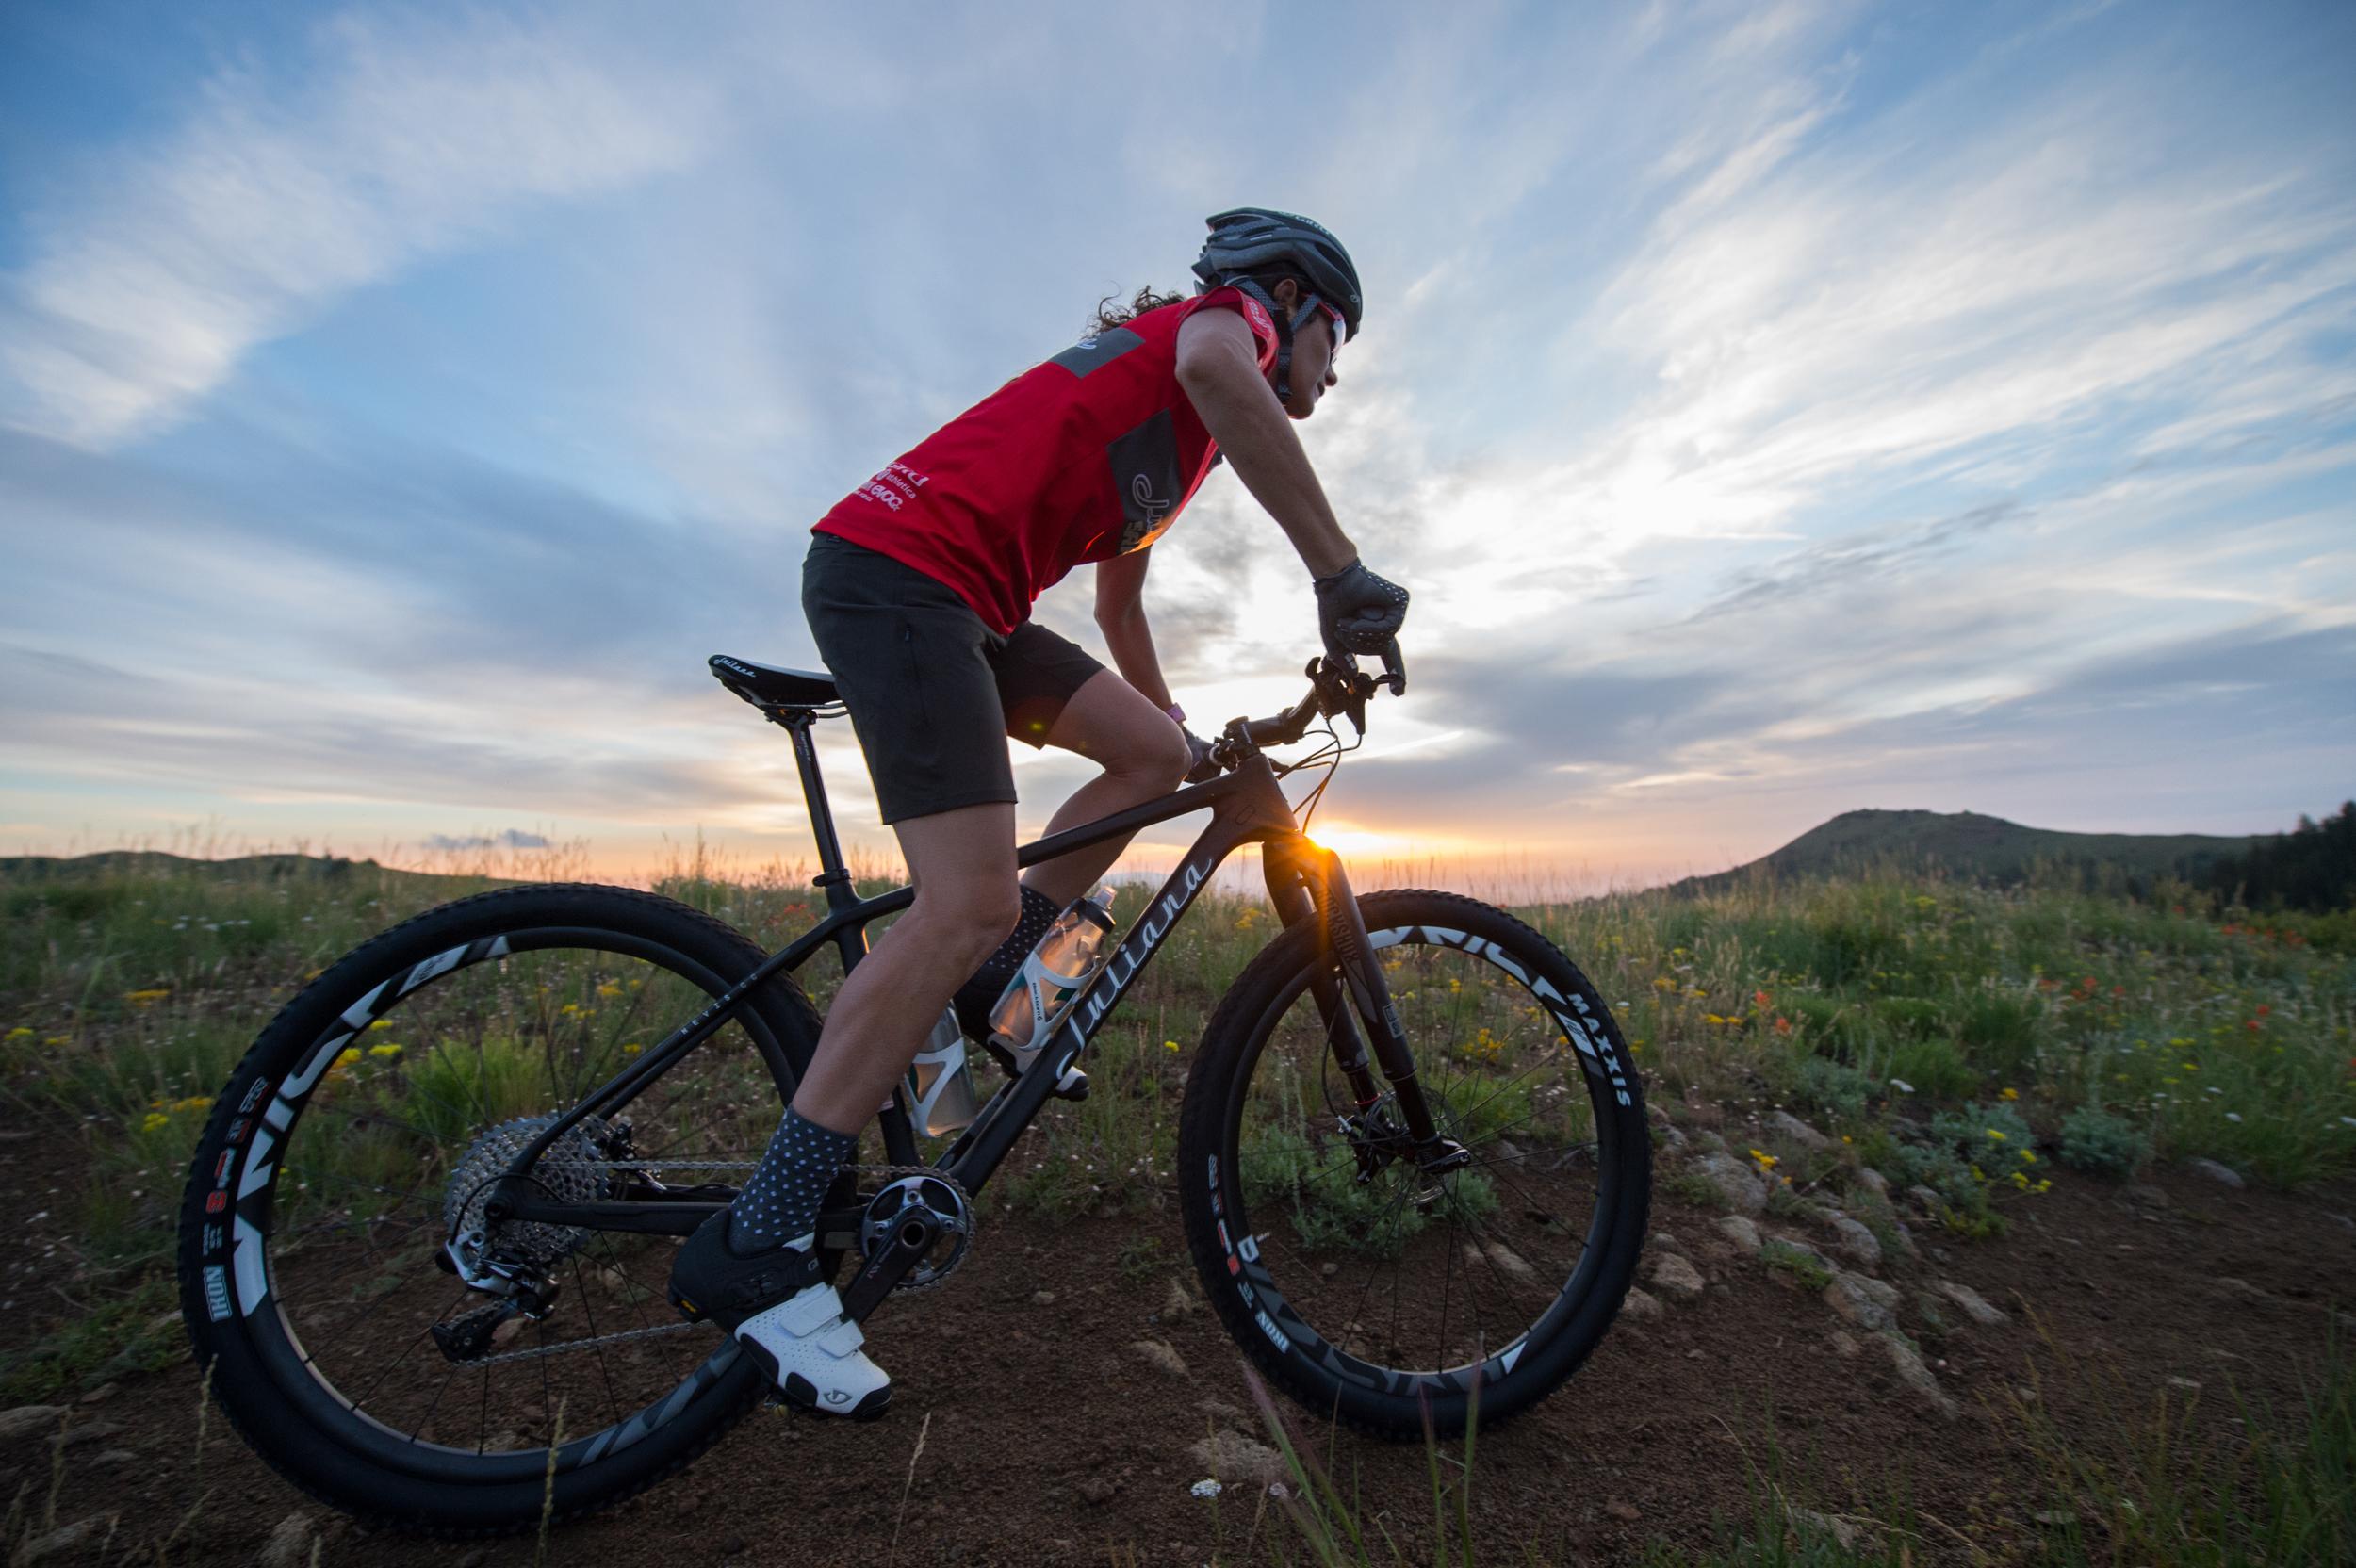 Juliana-SRAM Team Rider Kelli Emmett_Full SRAM:RockShox:Truvativ Build